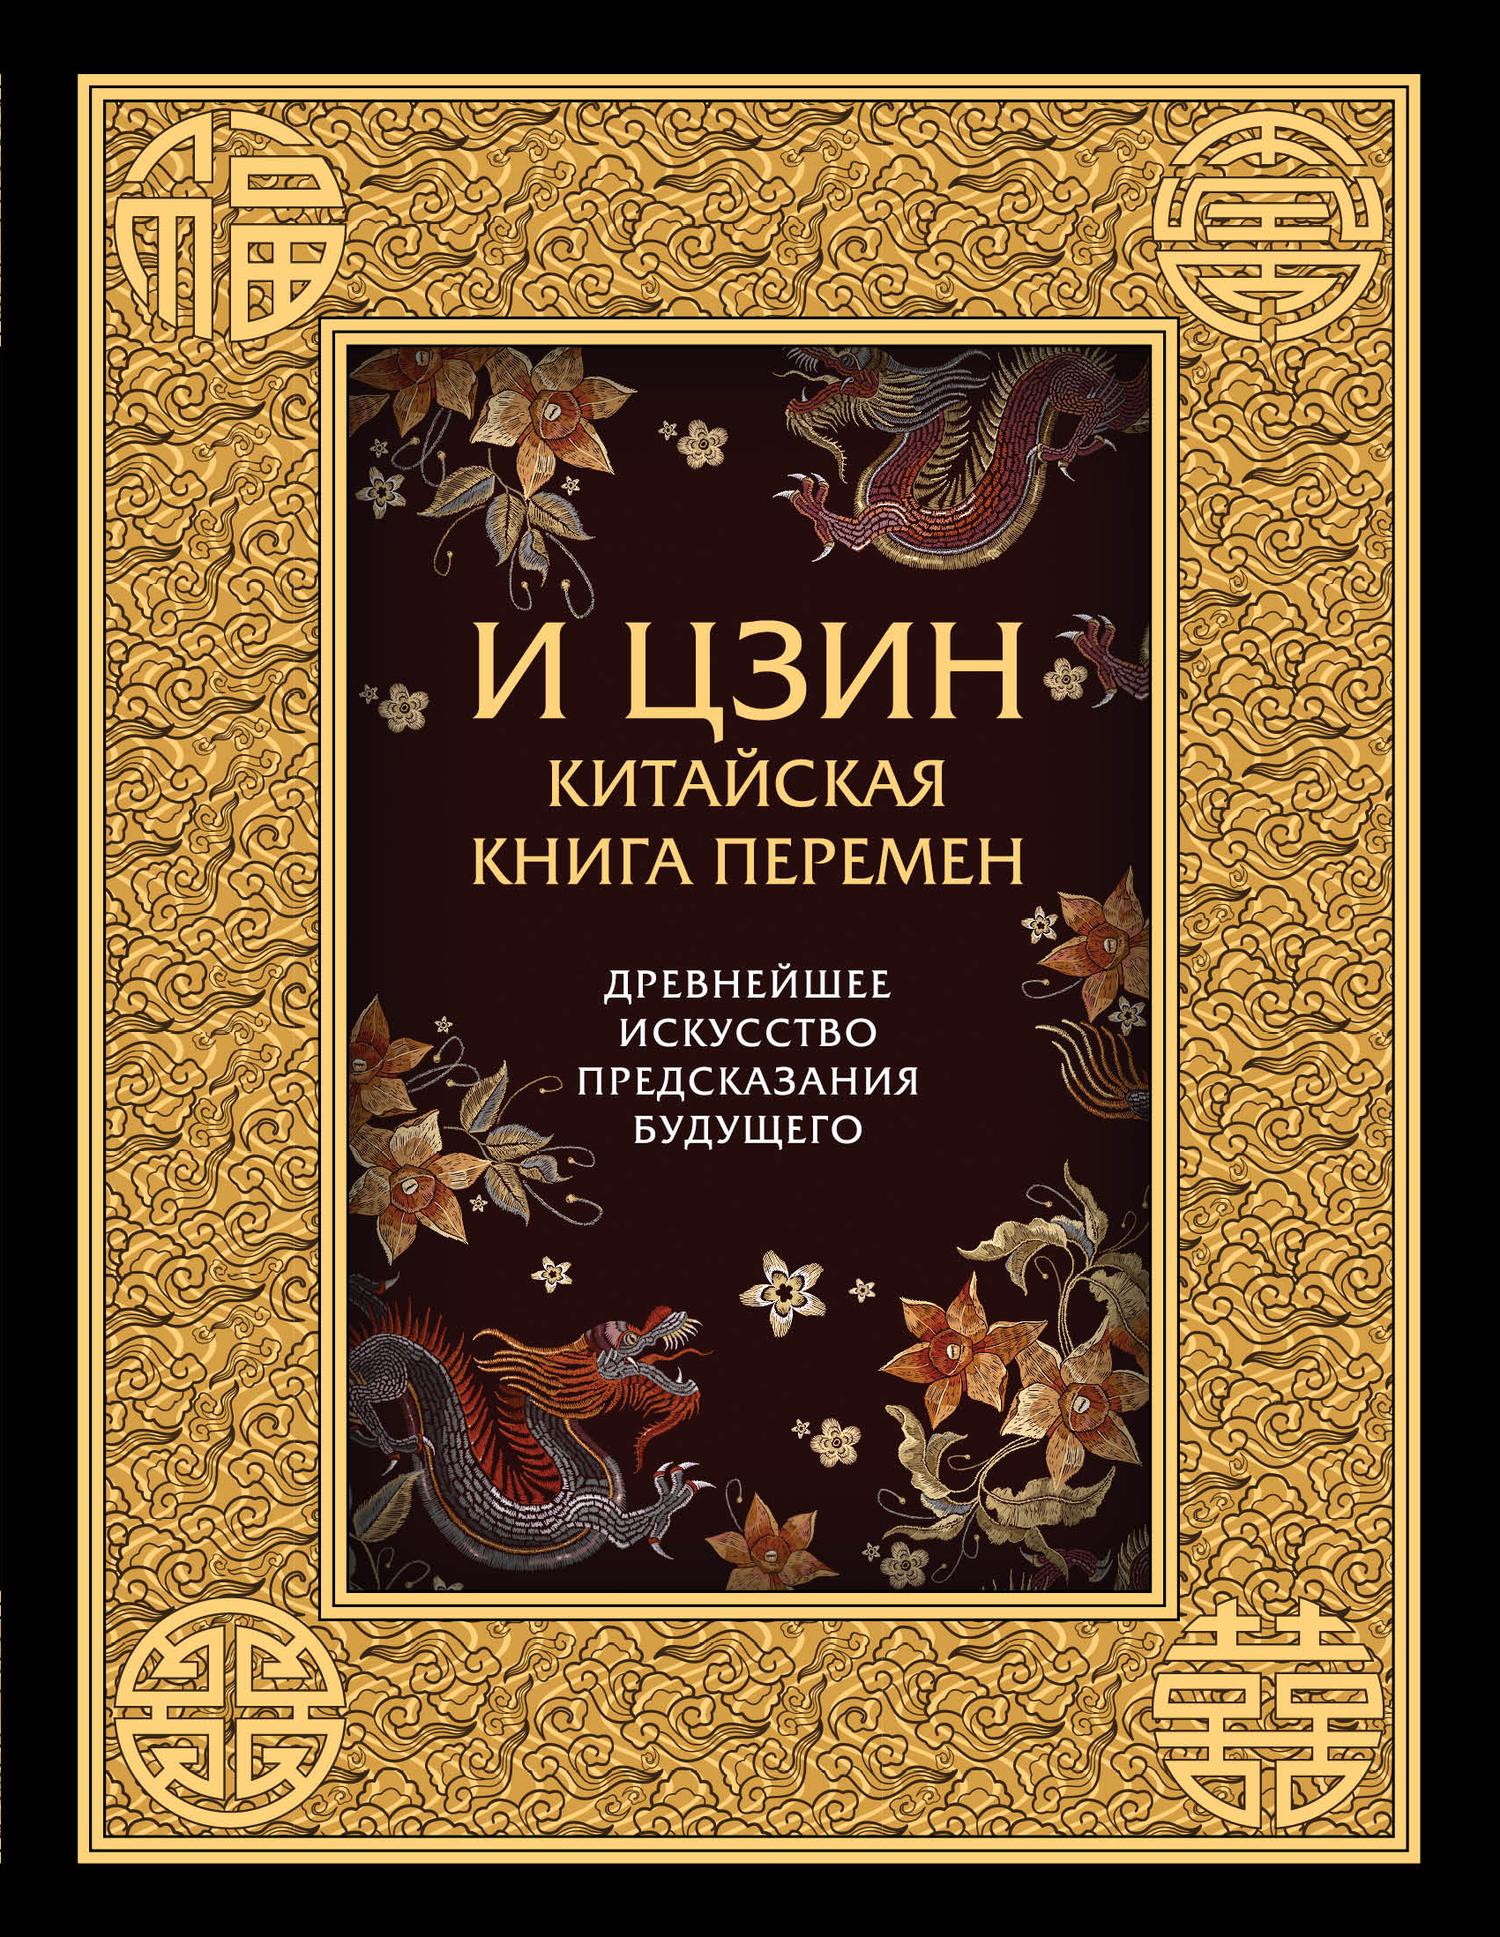 Книга И-Цзин. Китайская Книга Перемен. Древнейшее искусство предсказания будущего